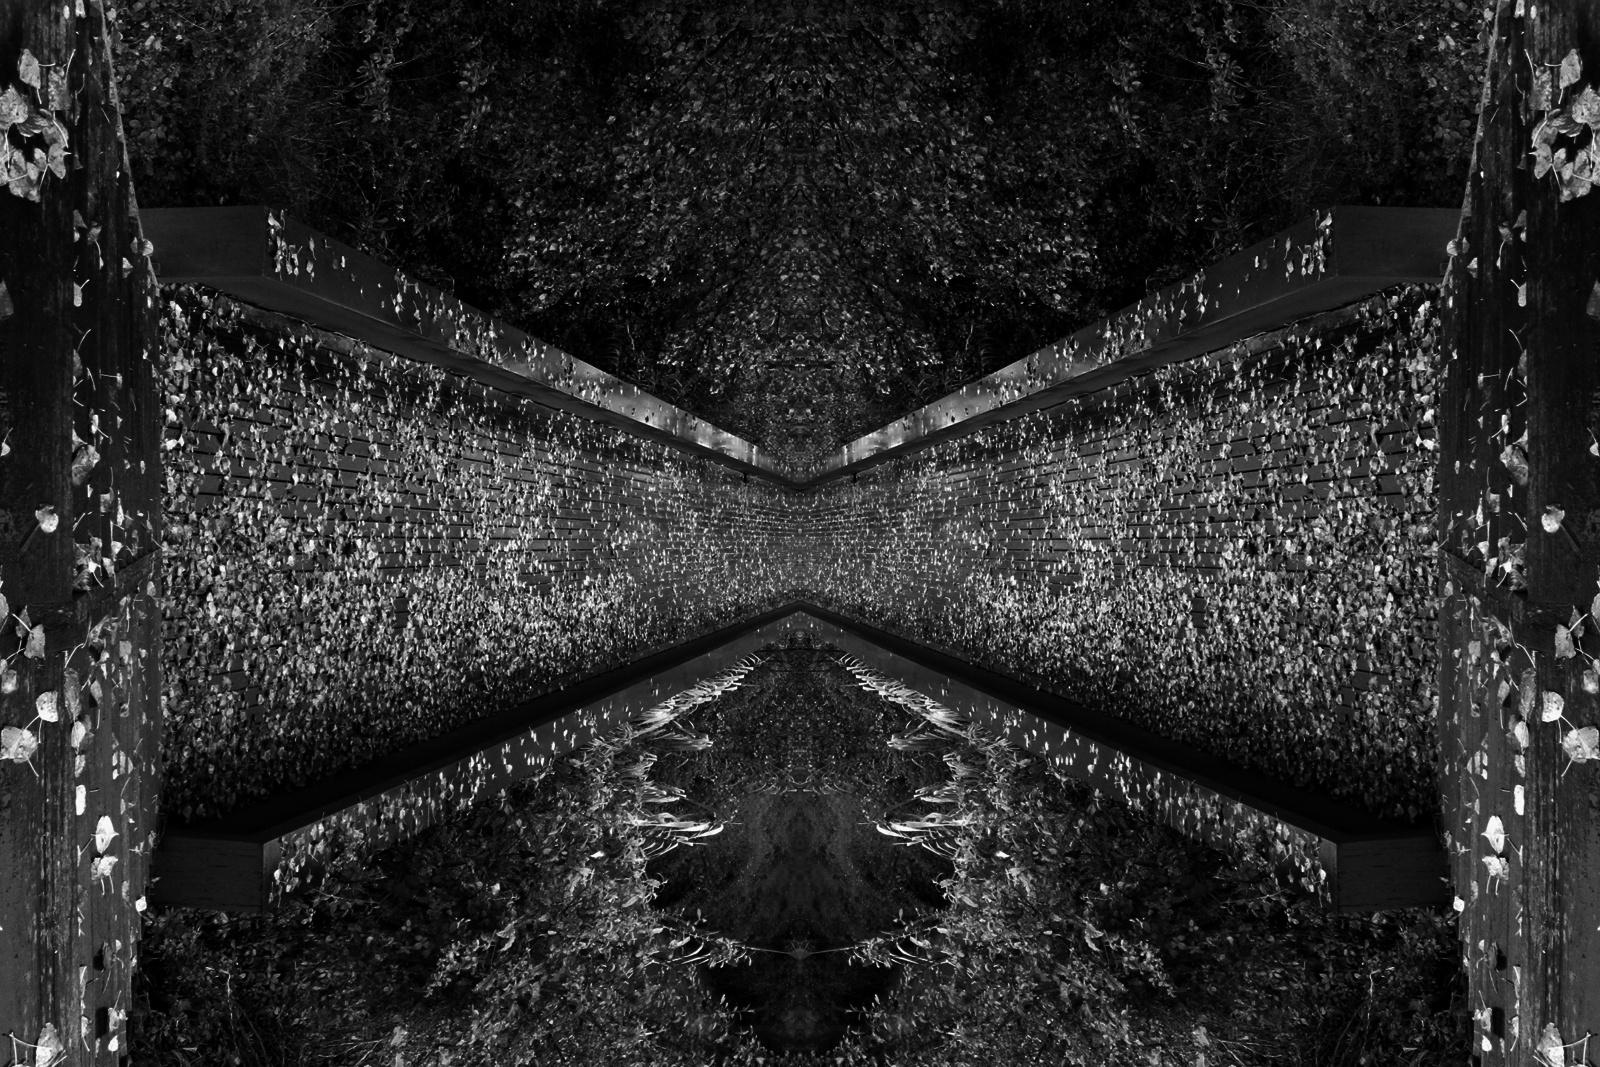 Abstrato/non-place.